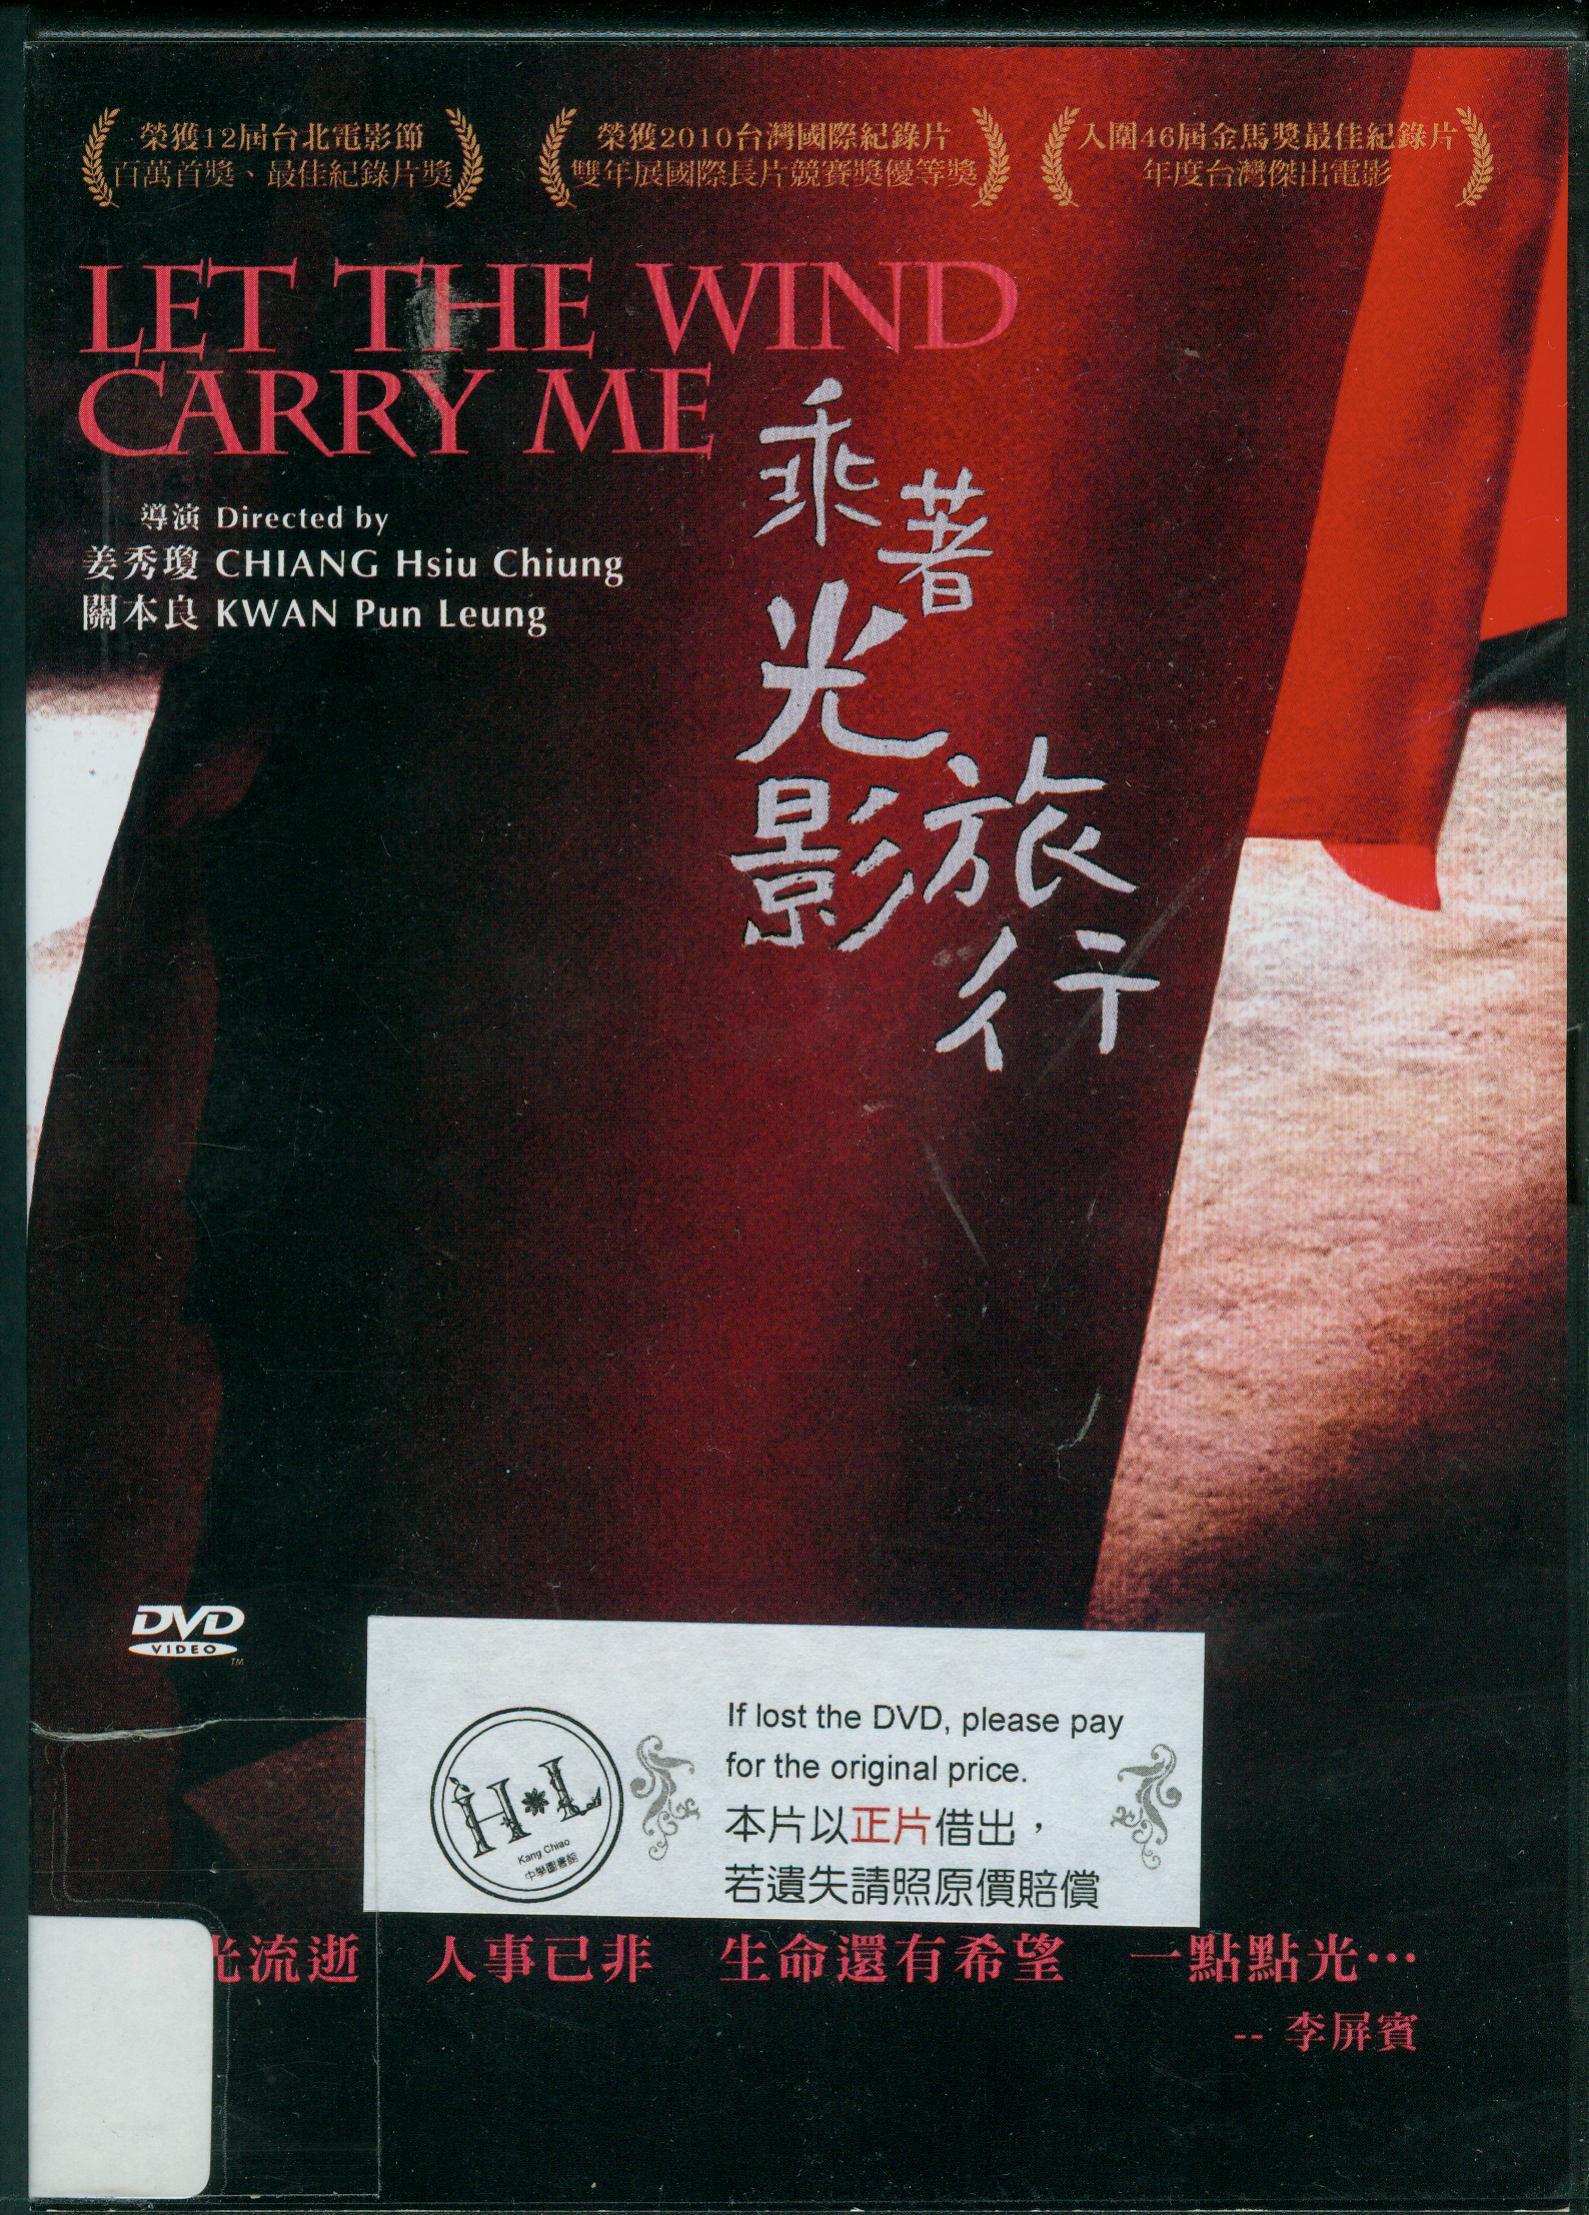 乘著光影旅行[普遍級:紀錄片] : Let the wind carry me